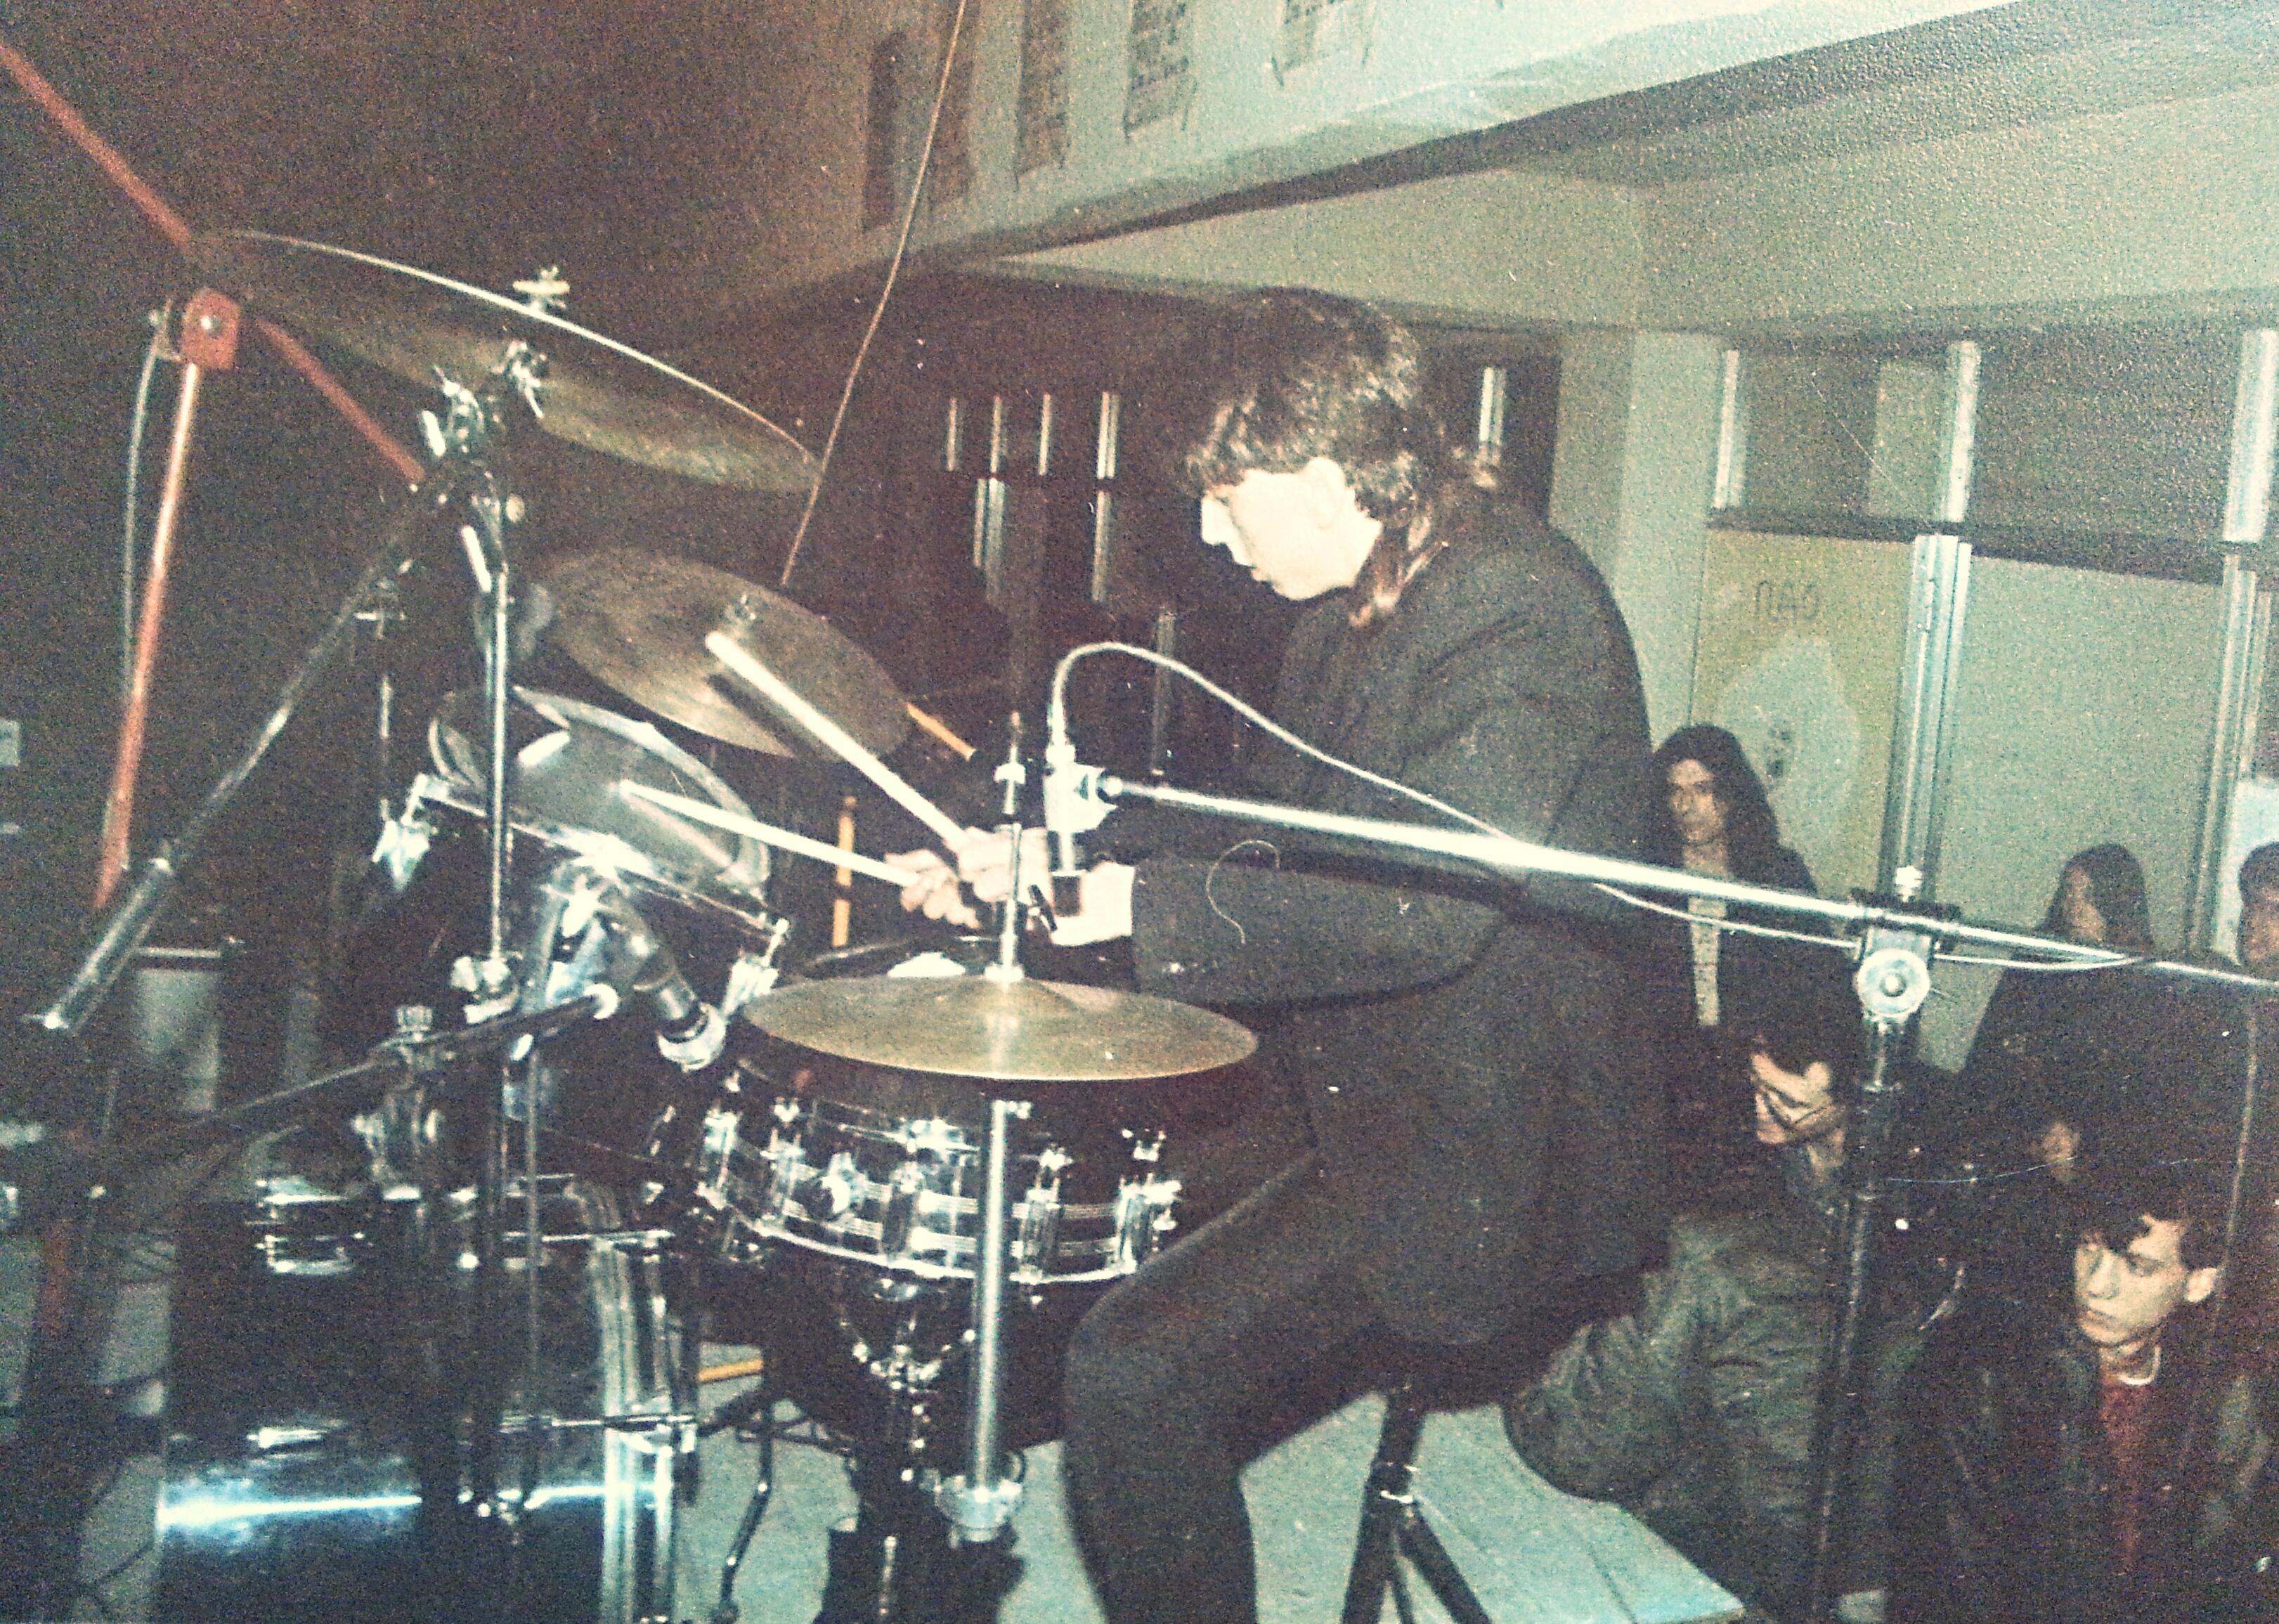 Ο Φοίβος. Από τη συναυλία στην Γκράβα, Μάρτης 1984.